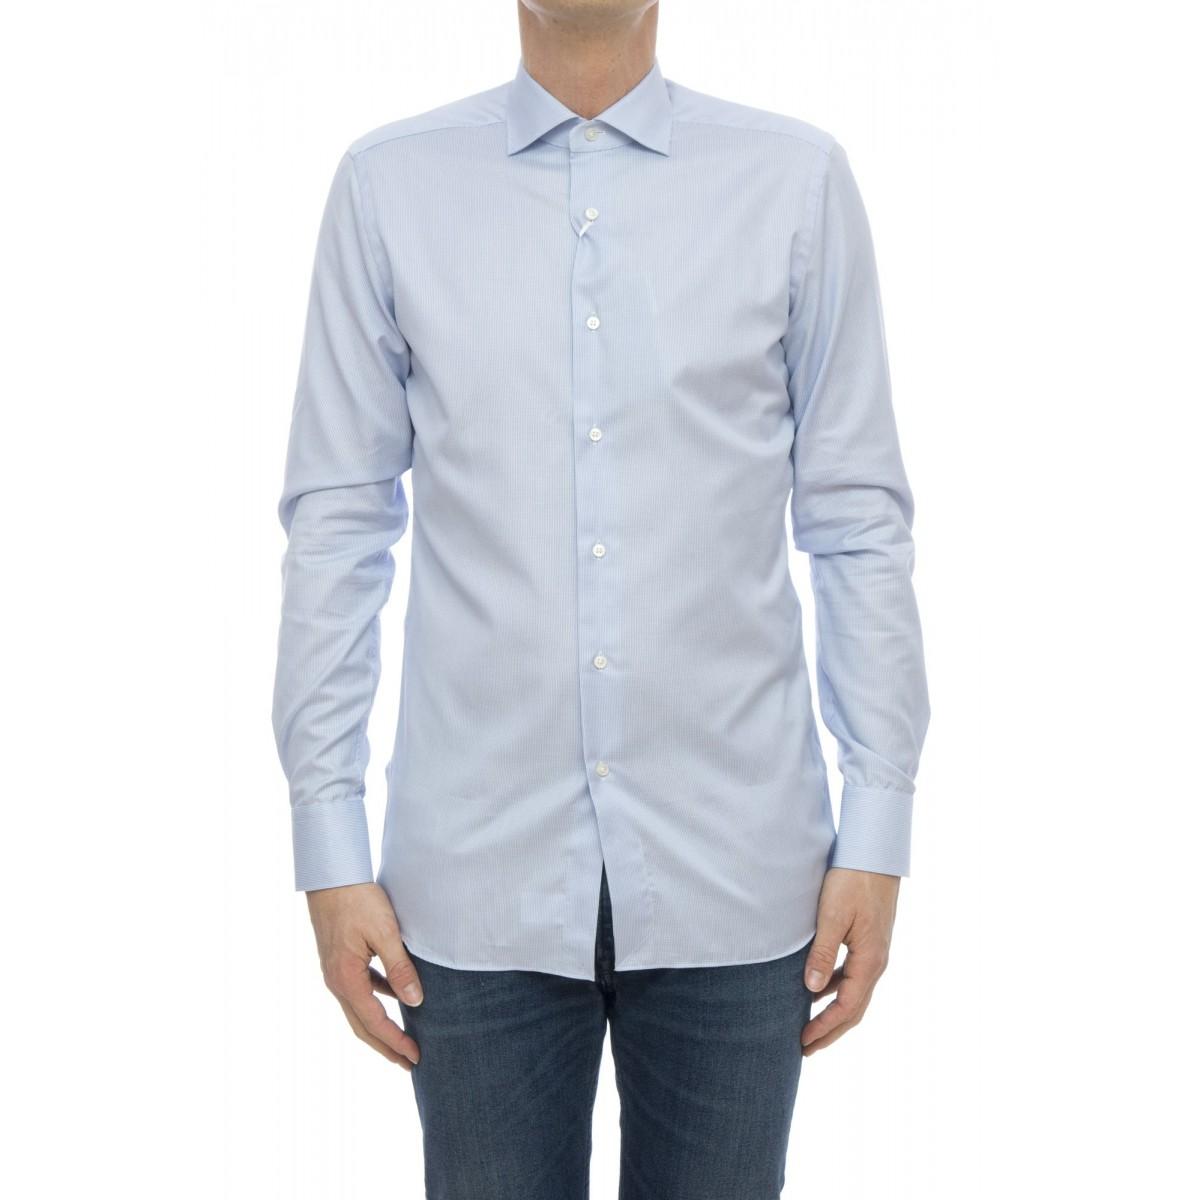 Camicia - 558 11313 camicia no stiro microdisegno